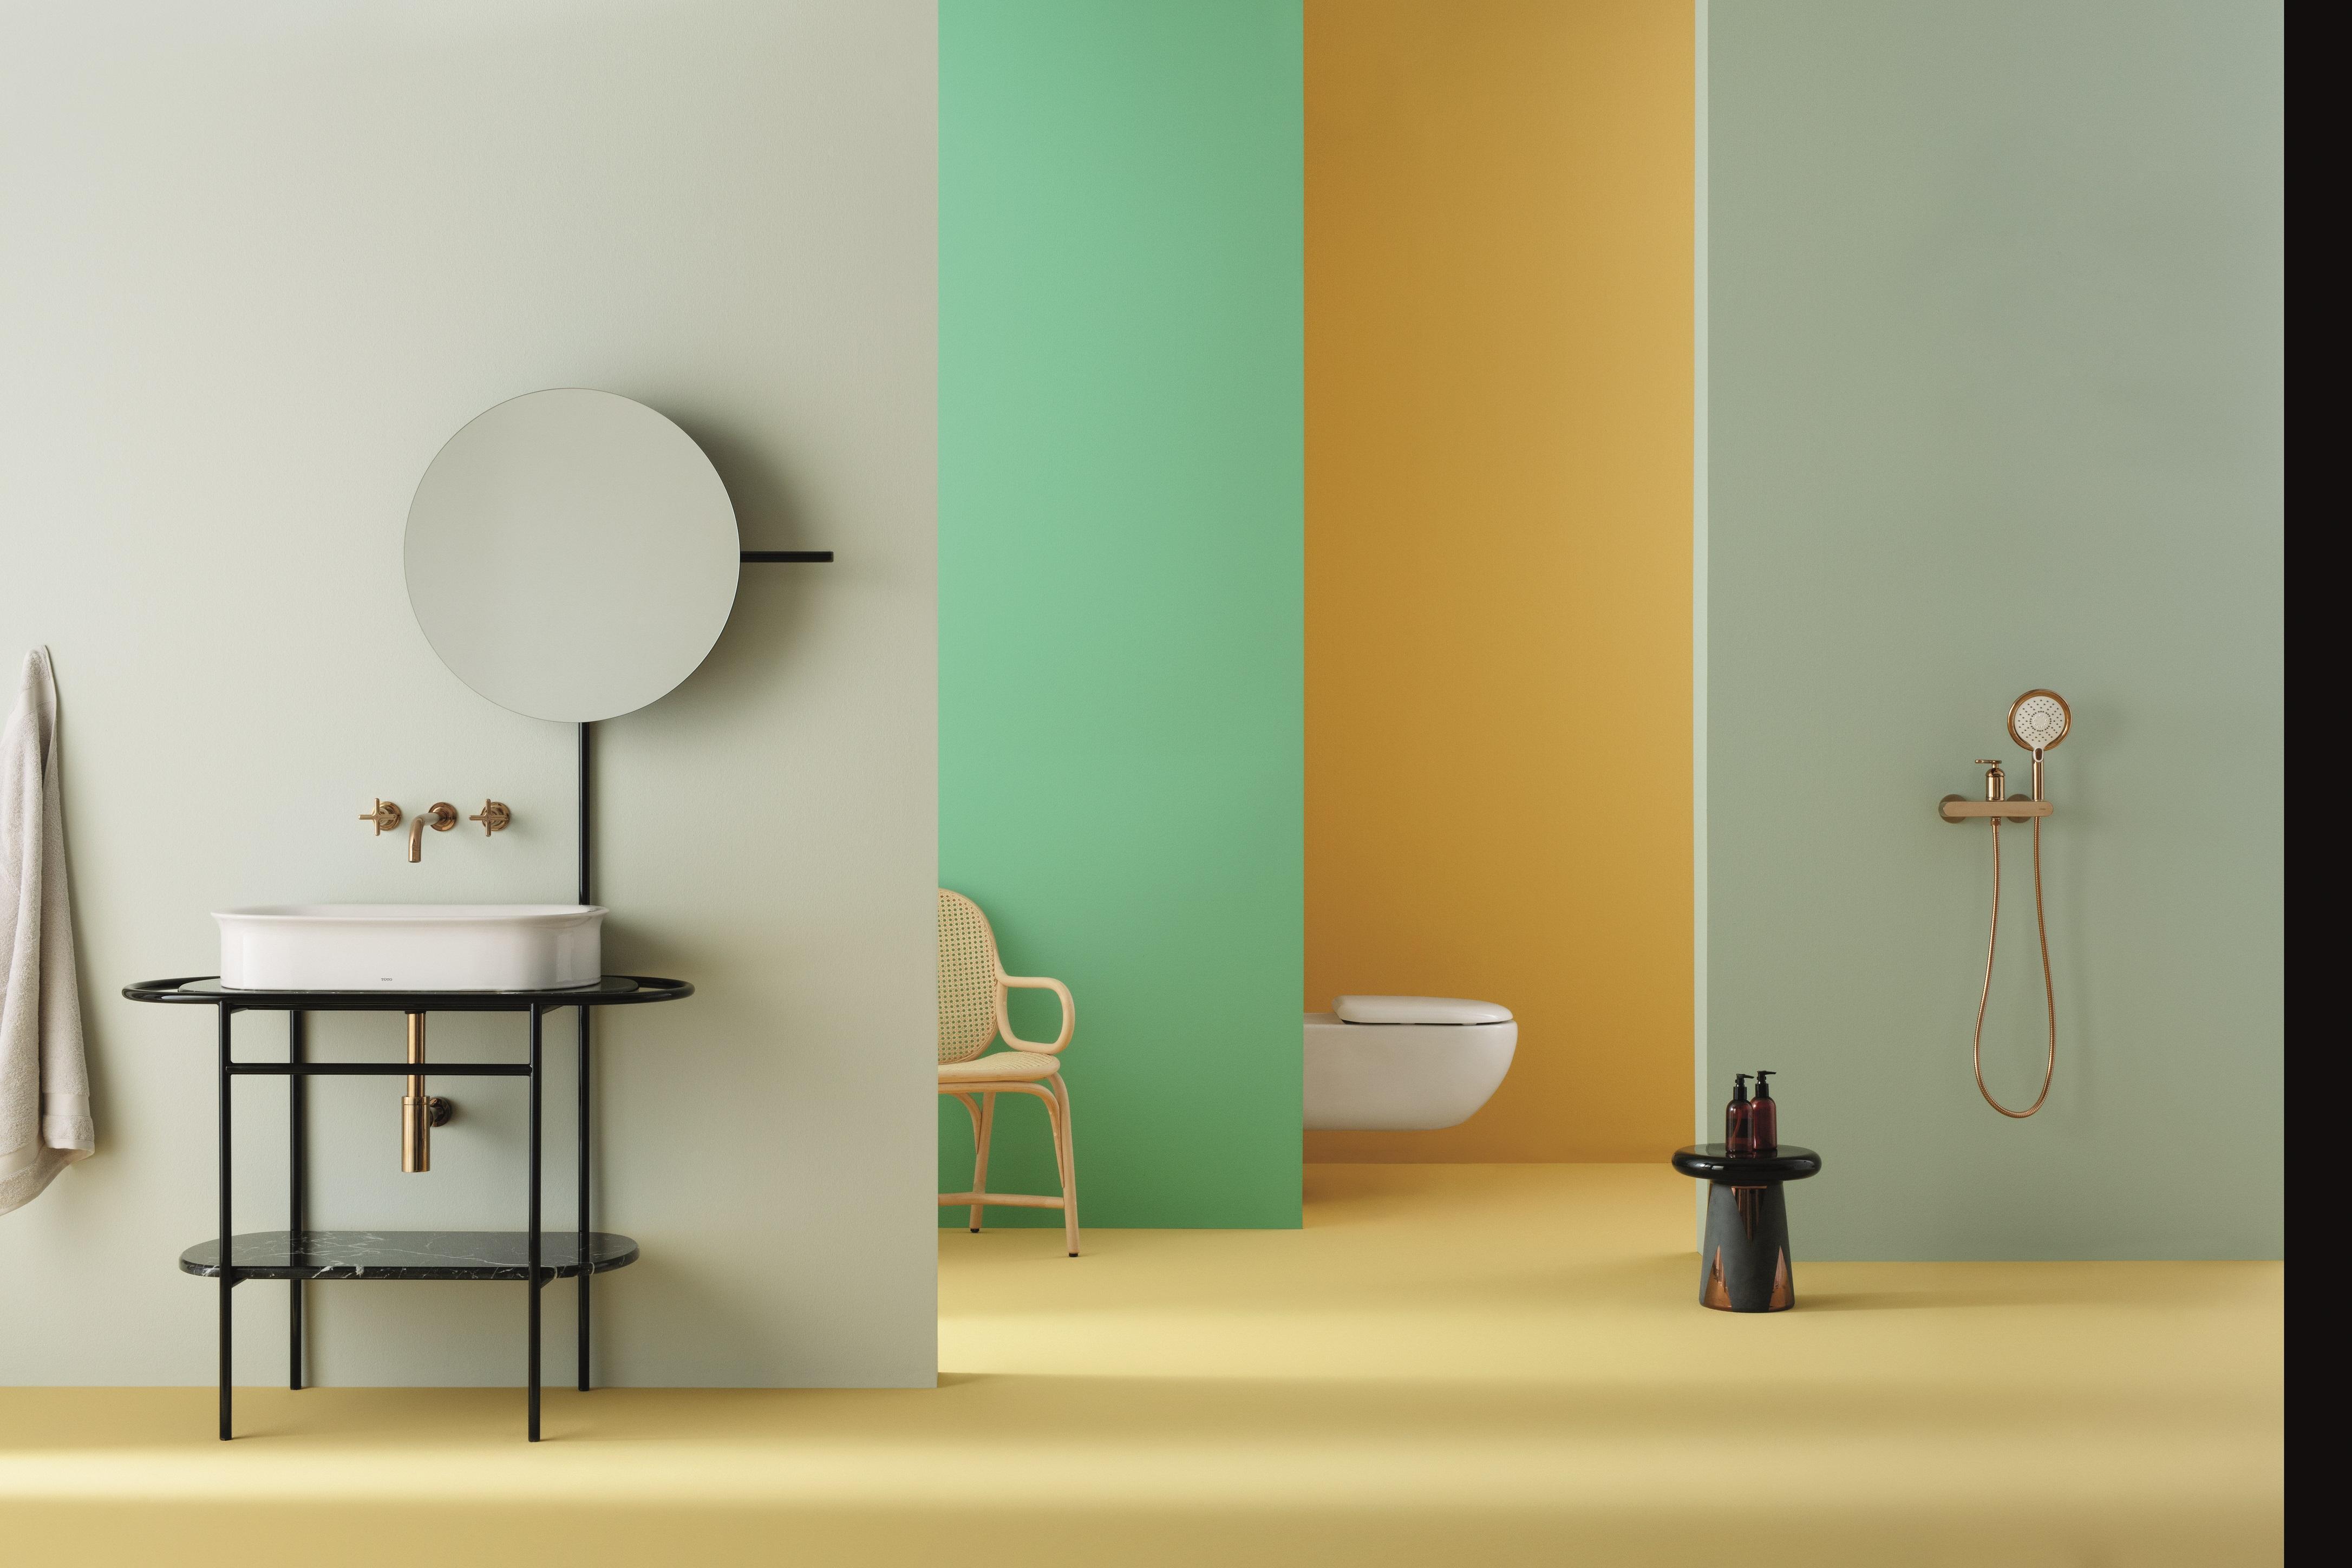 produk toto untuk kamar mandi